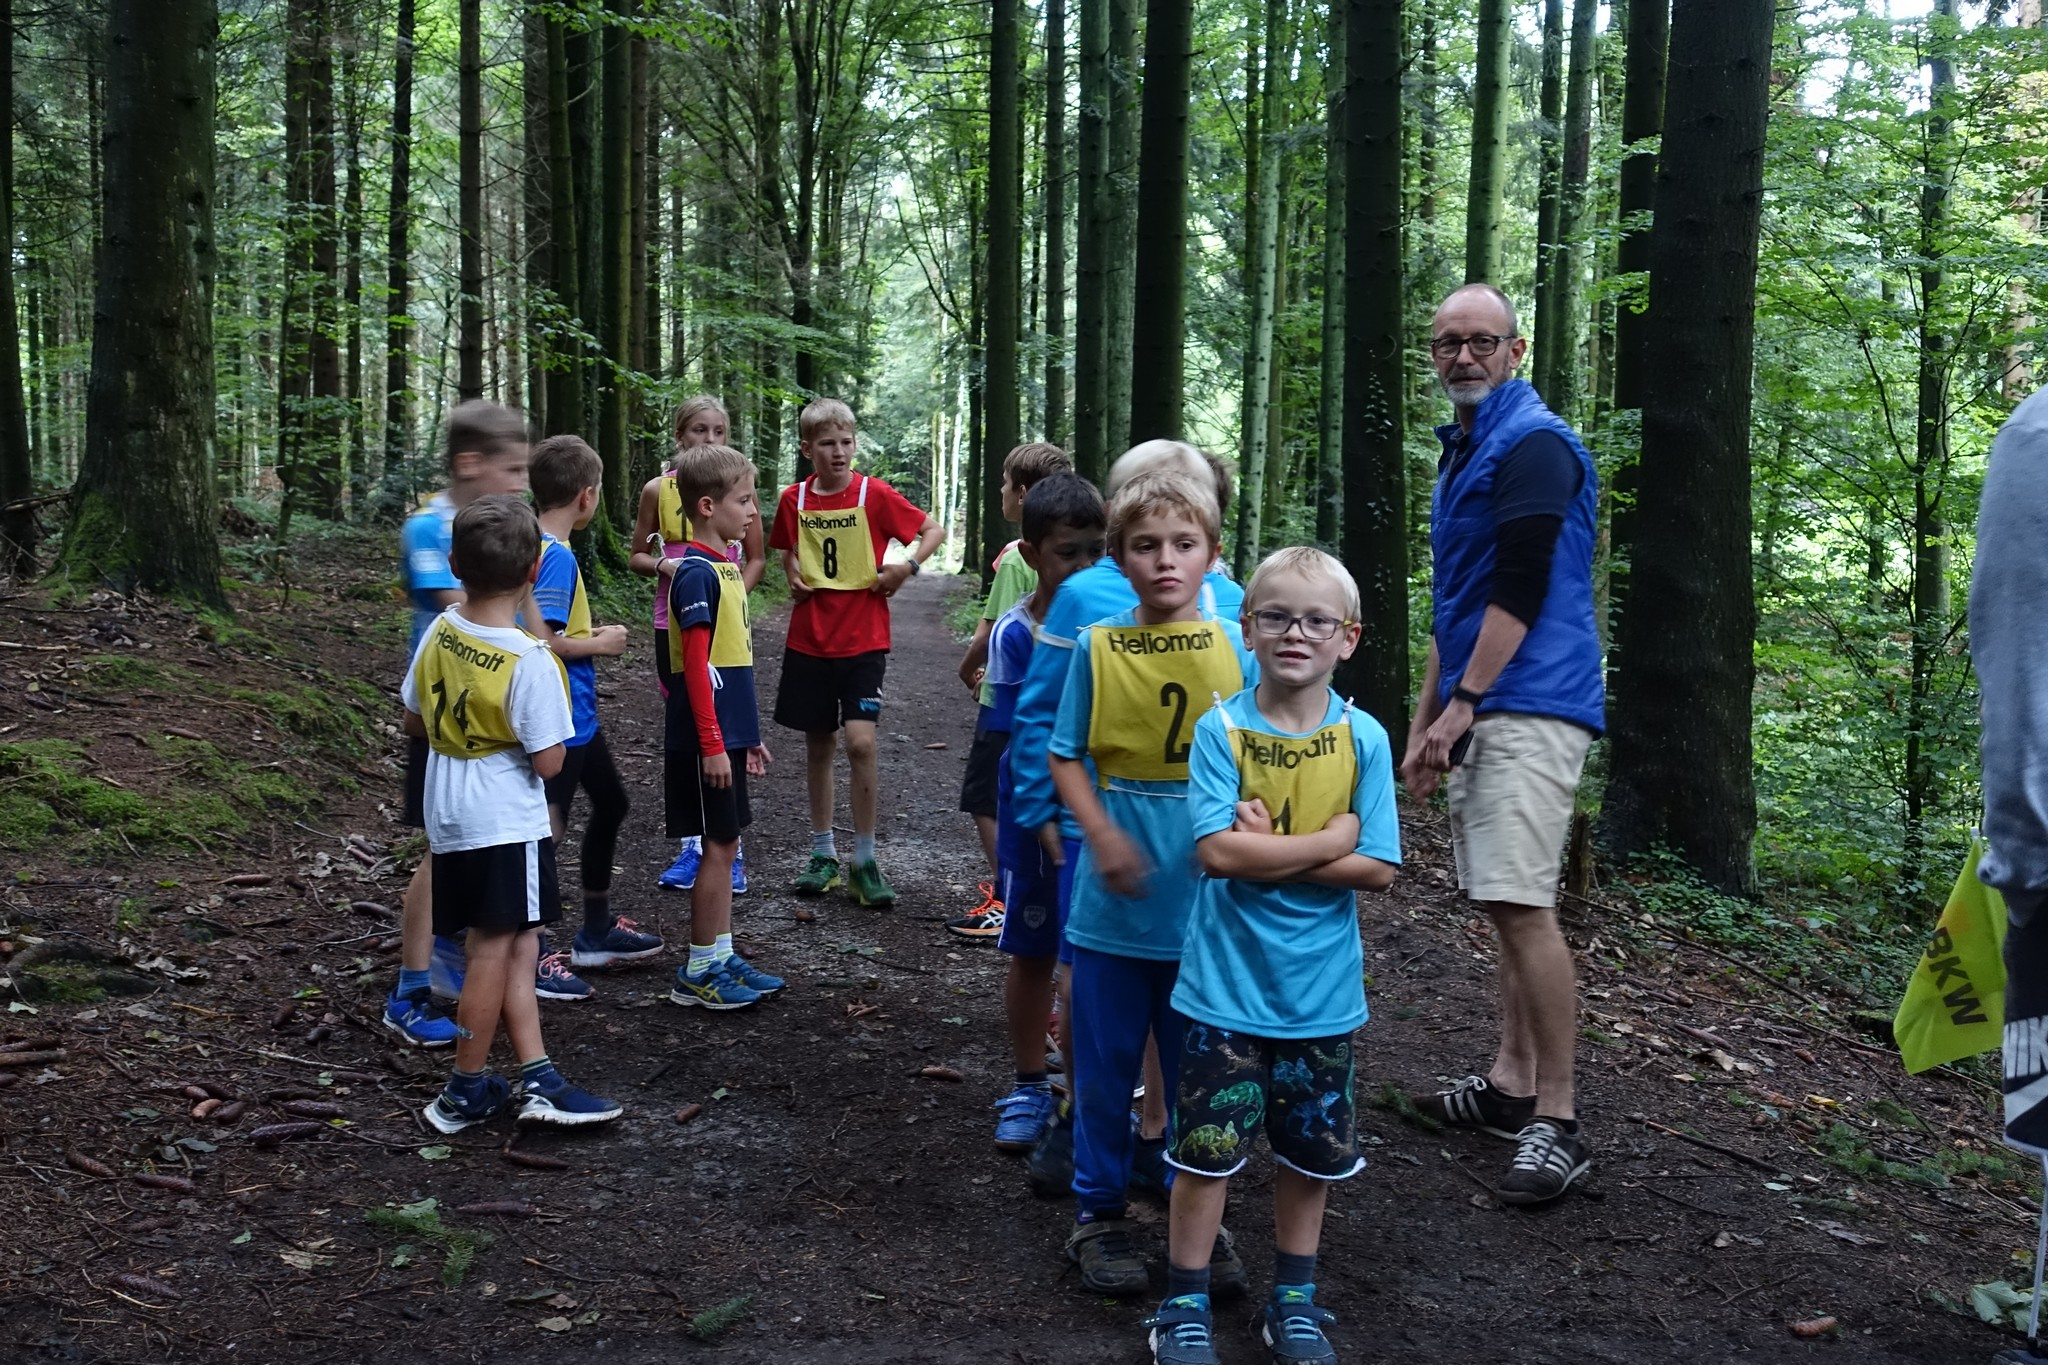 2019.08.21 -  Waldhauslauf (CUP)